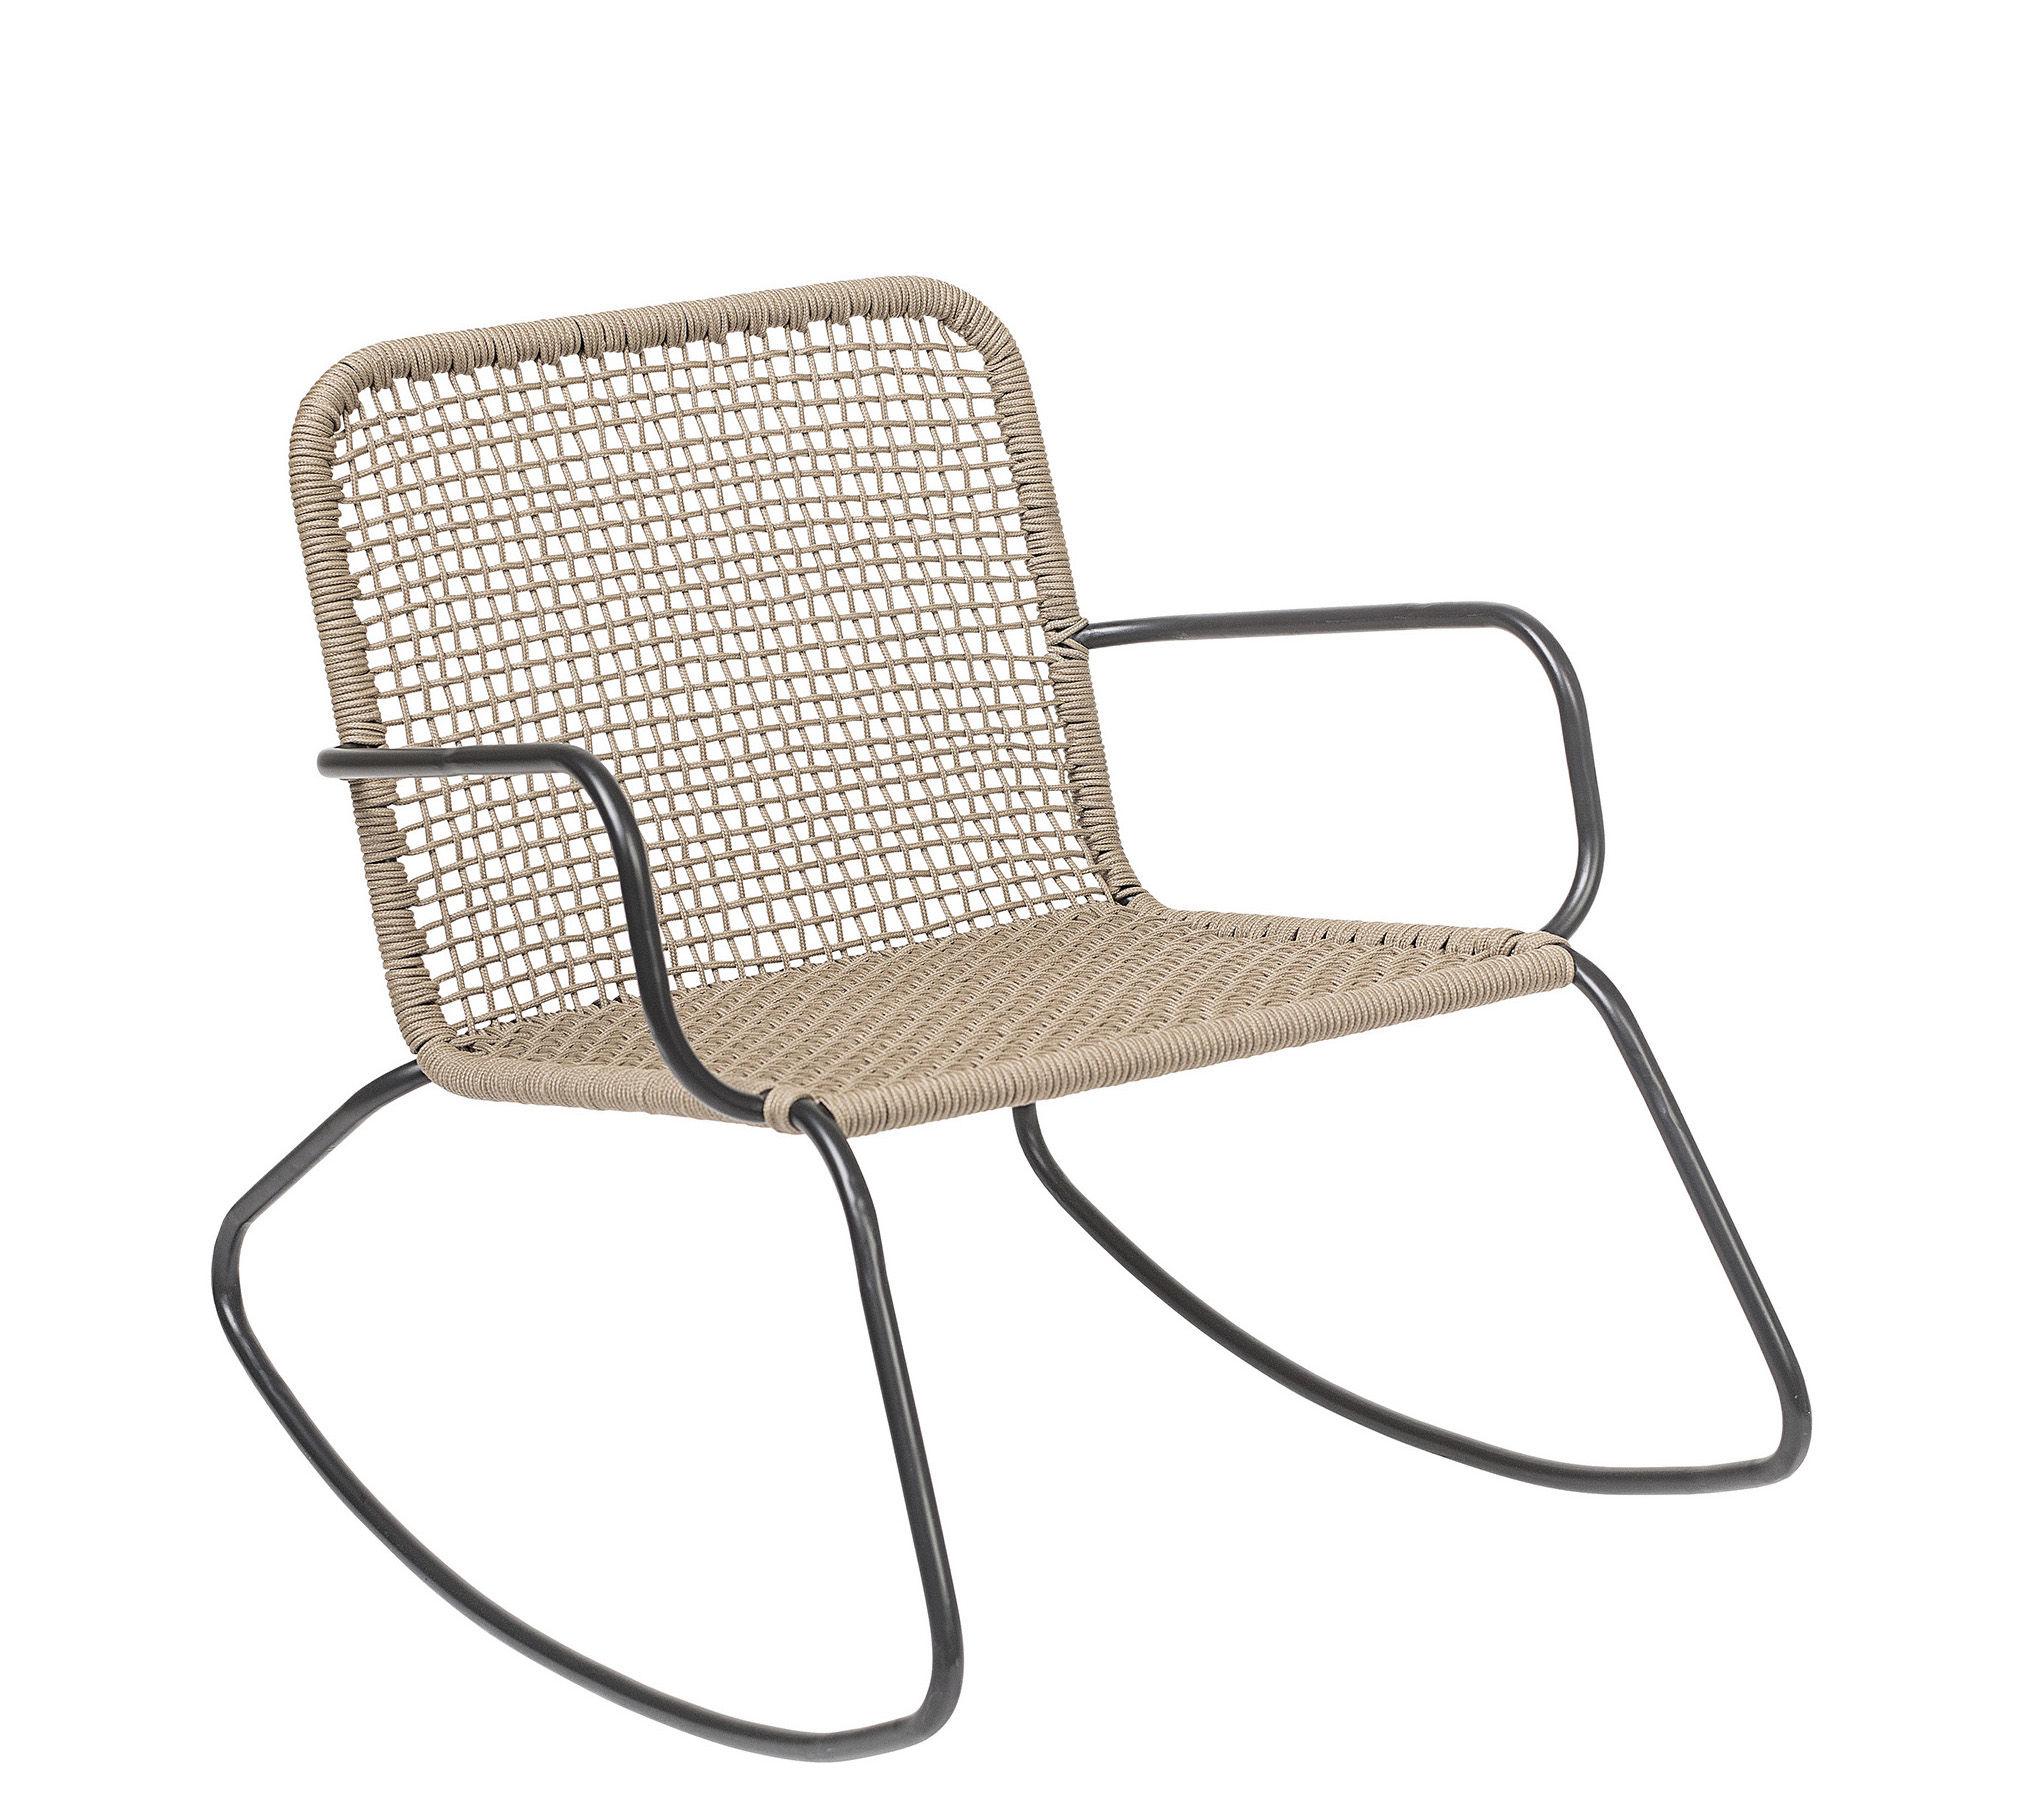 Mobilier - Fauteuils - Rocking chair Nature / Intérieur & extérieur - Bloomingville - Beige / Noir - Acier laqué, Fils PVC